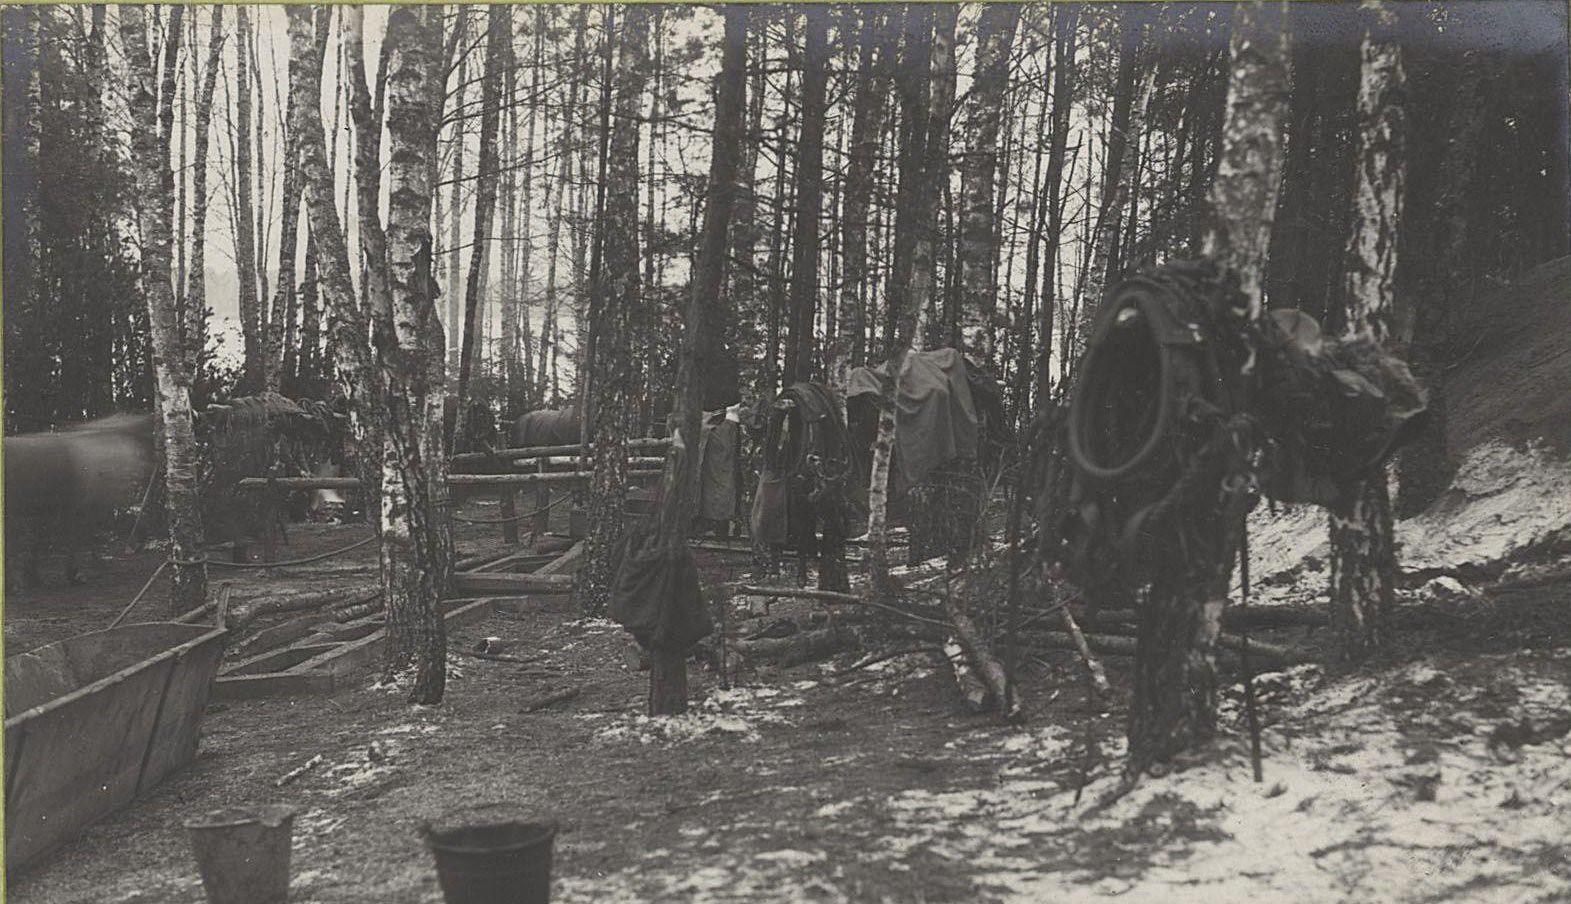 89. Скрытые в лесу передки 21-ой артиллерийской бригады на передовых позициях у деревни Мыслеборж